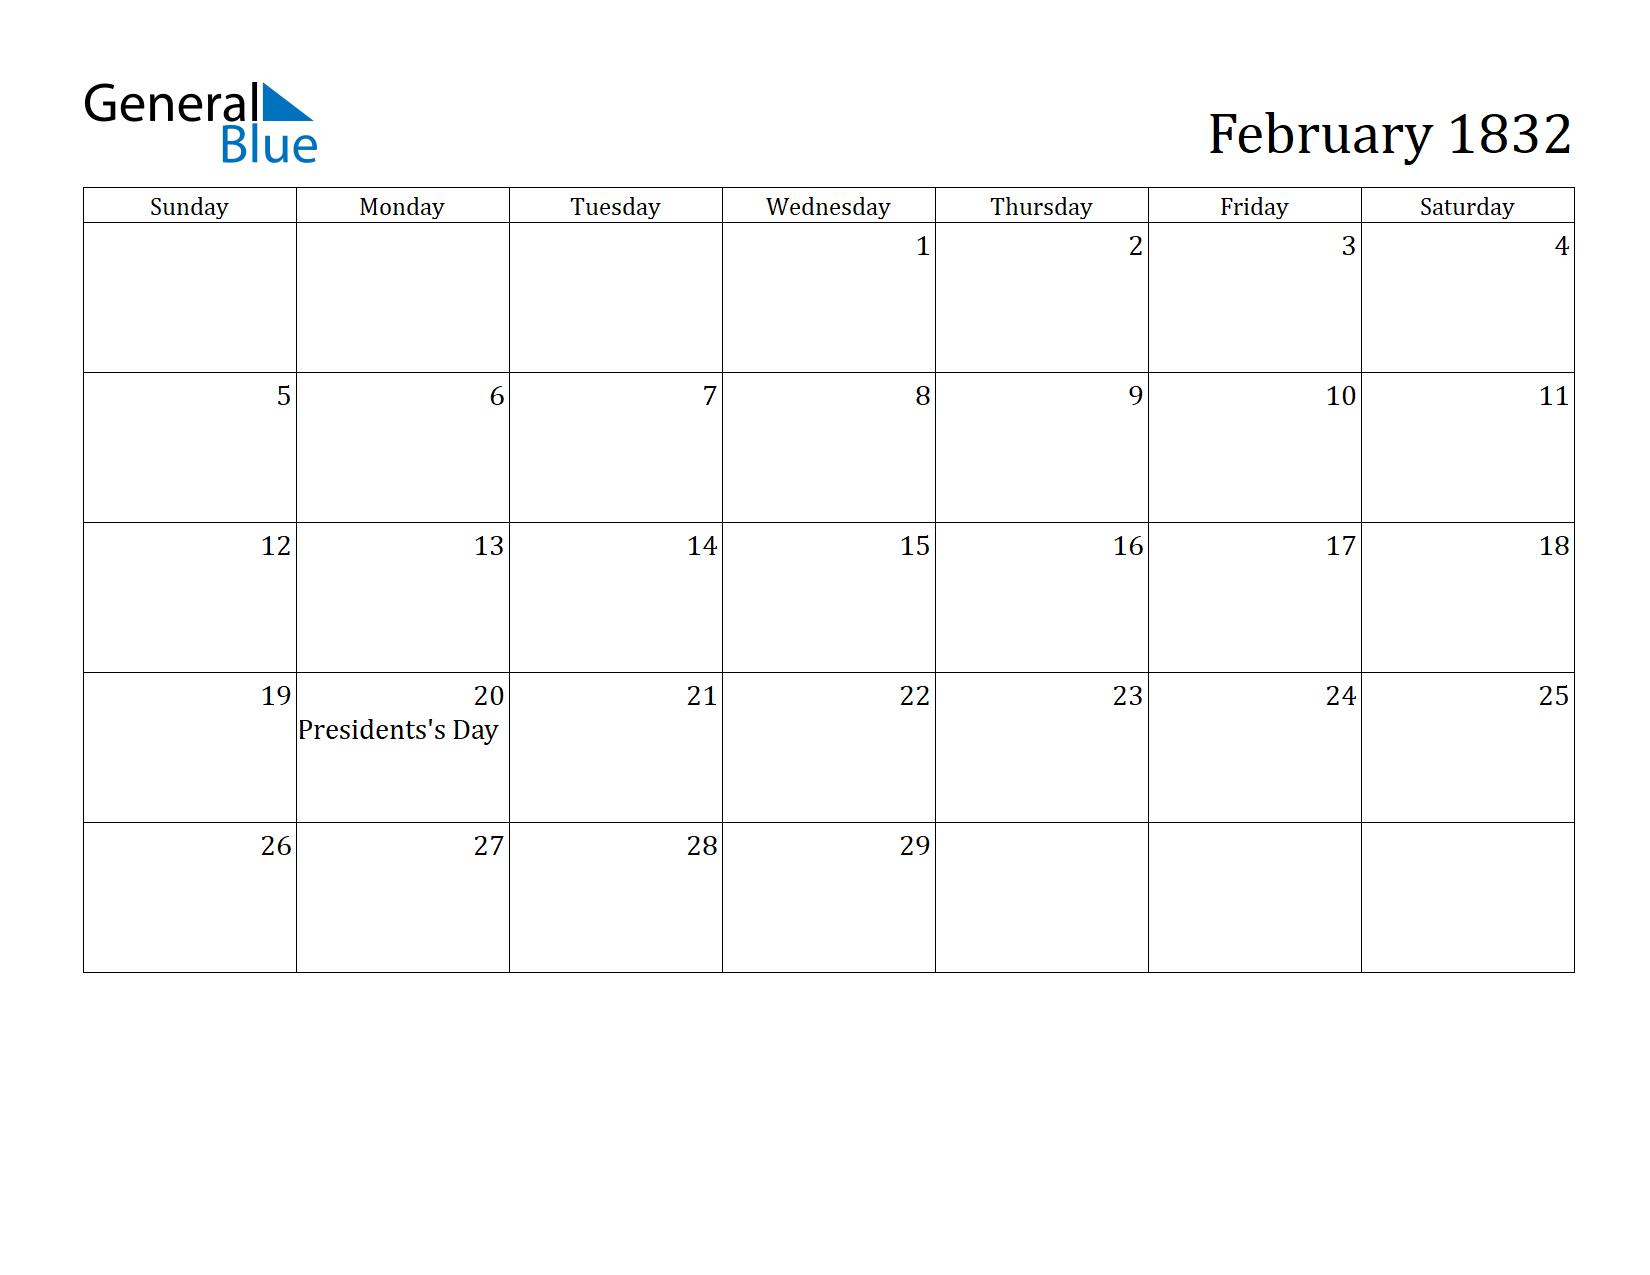 Image of February 1832 Calendar